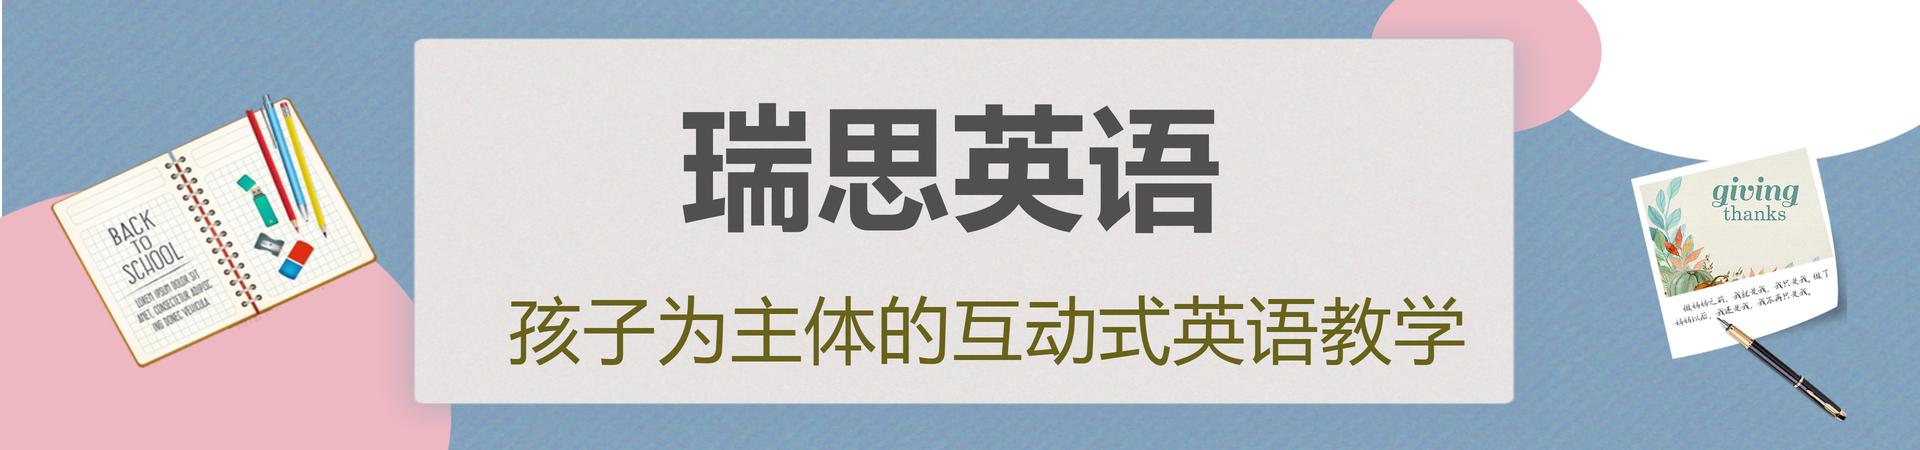 重庆新牌坊龙湖中心瑞思英语培训